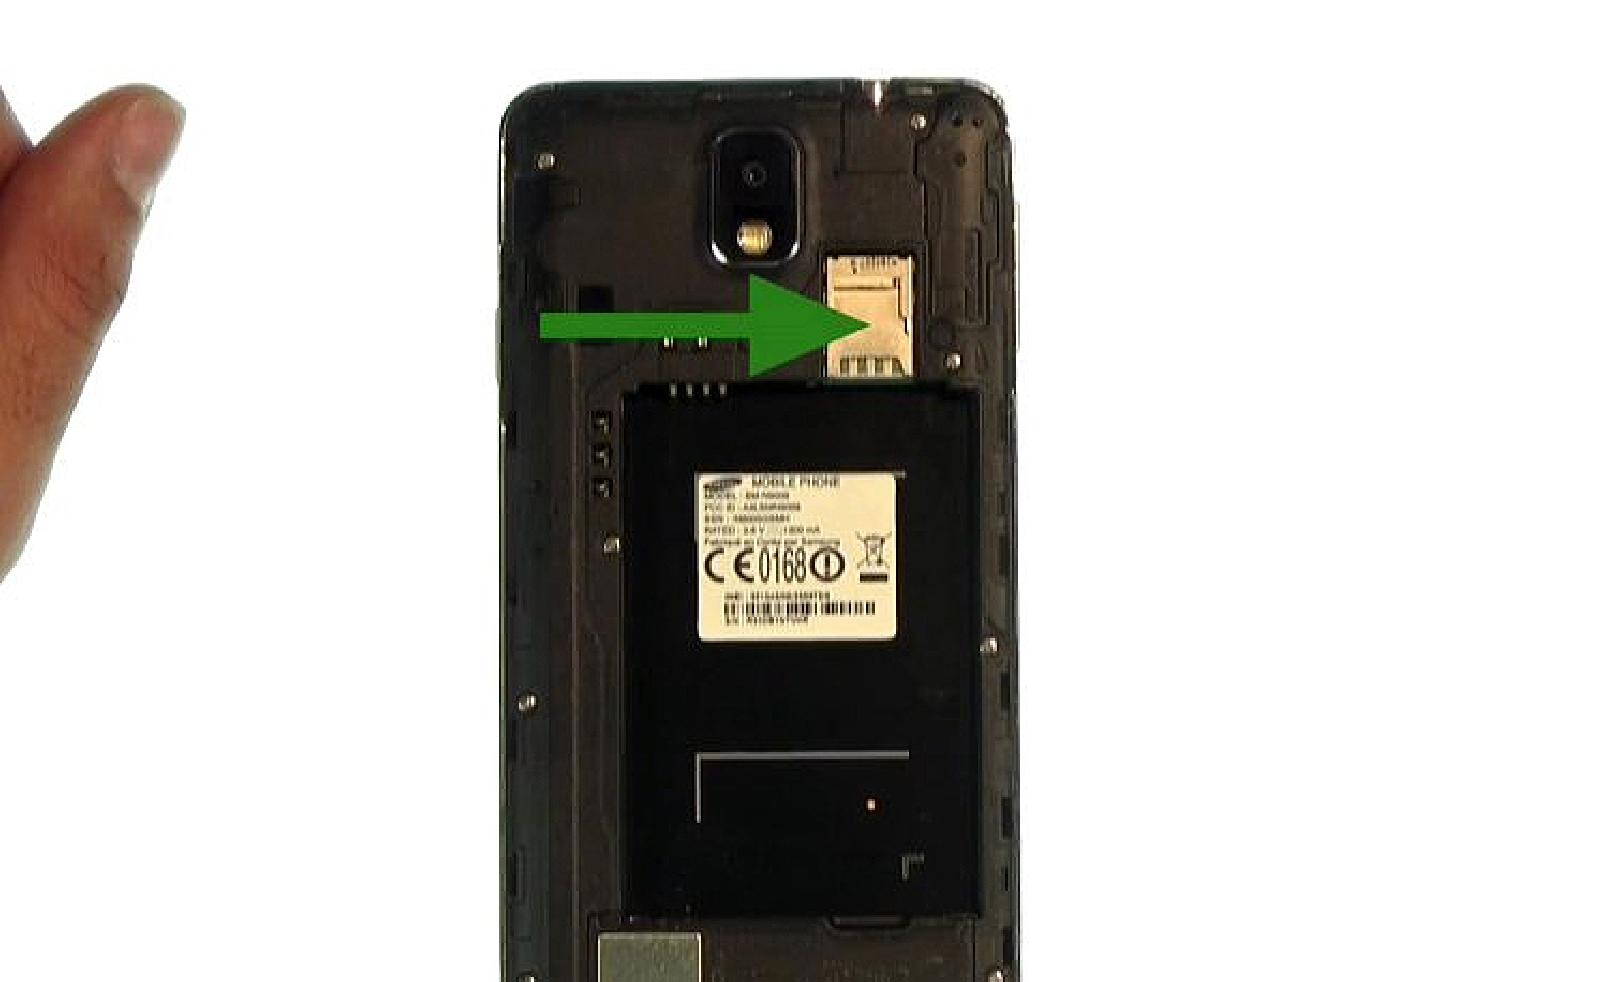 Etape 3 : Retirer la batterie et es cartes SIM et microSD